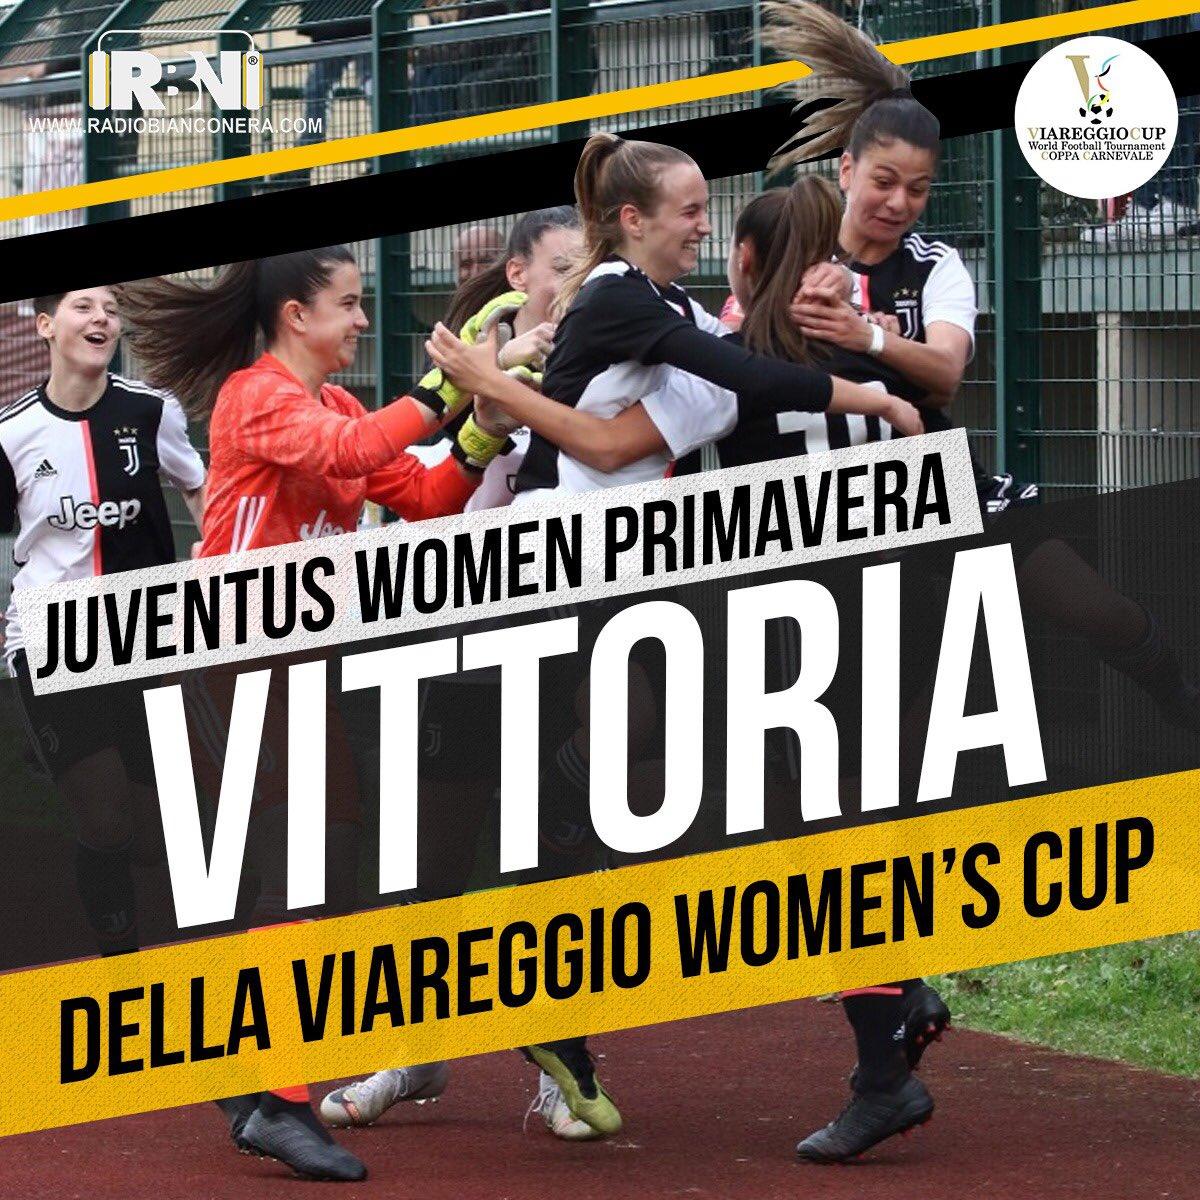 Complimenti alle ragazze della #under19 che si sono confermate campionesse della #ViareggioWomensCup  In finale battuta la #Roma 3-2 #RadioBianconera gioisce con voi!!! #RBN #lunicacheconta